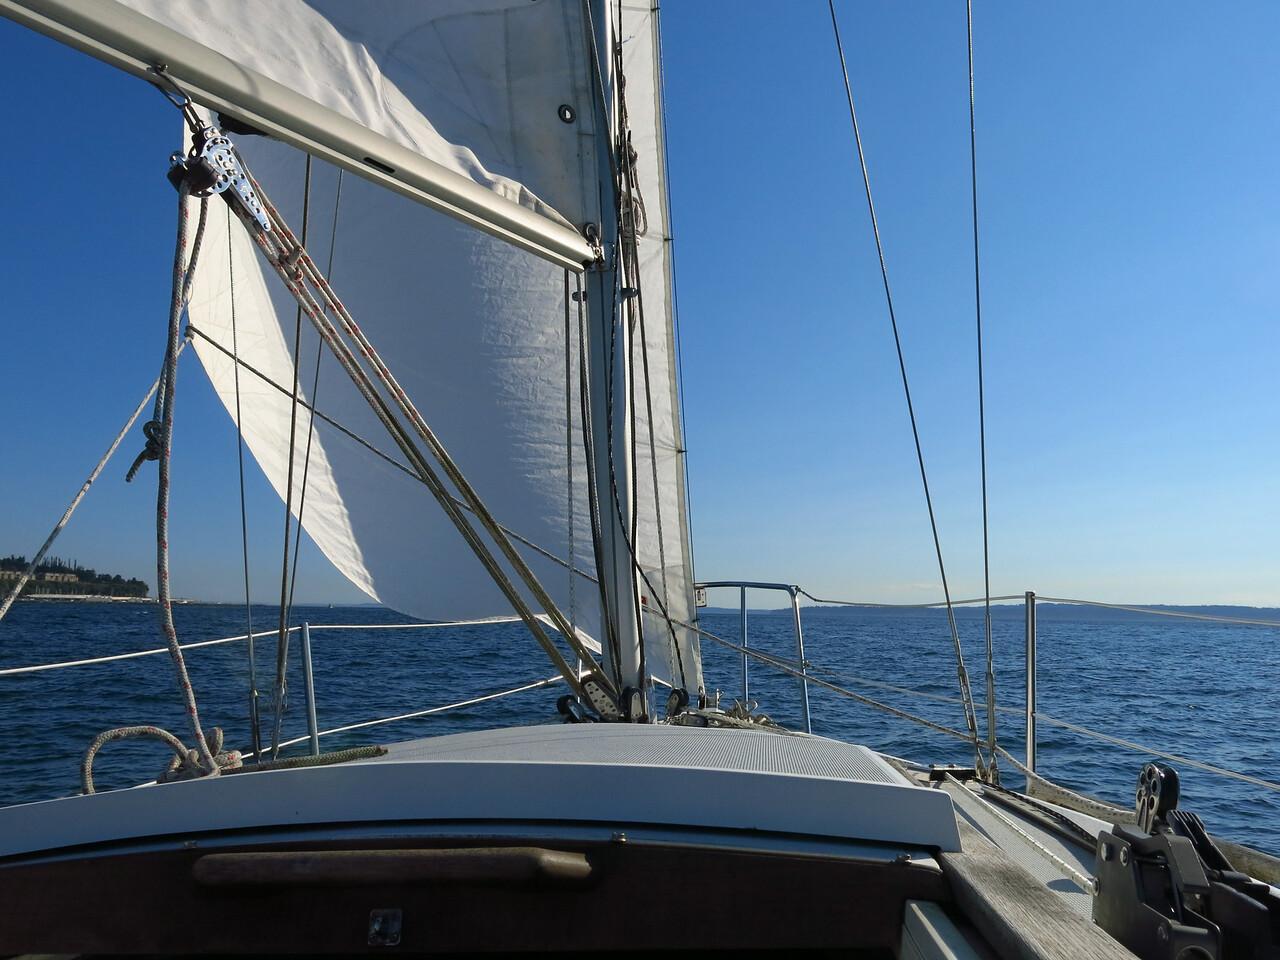 2014-07-26 Sail (27)